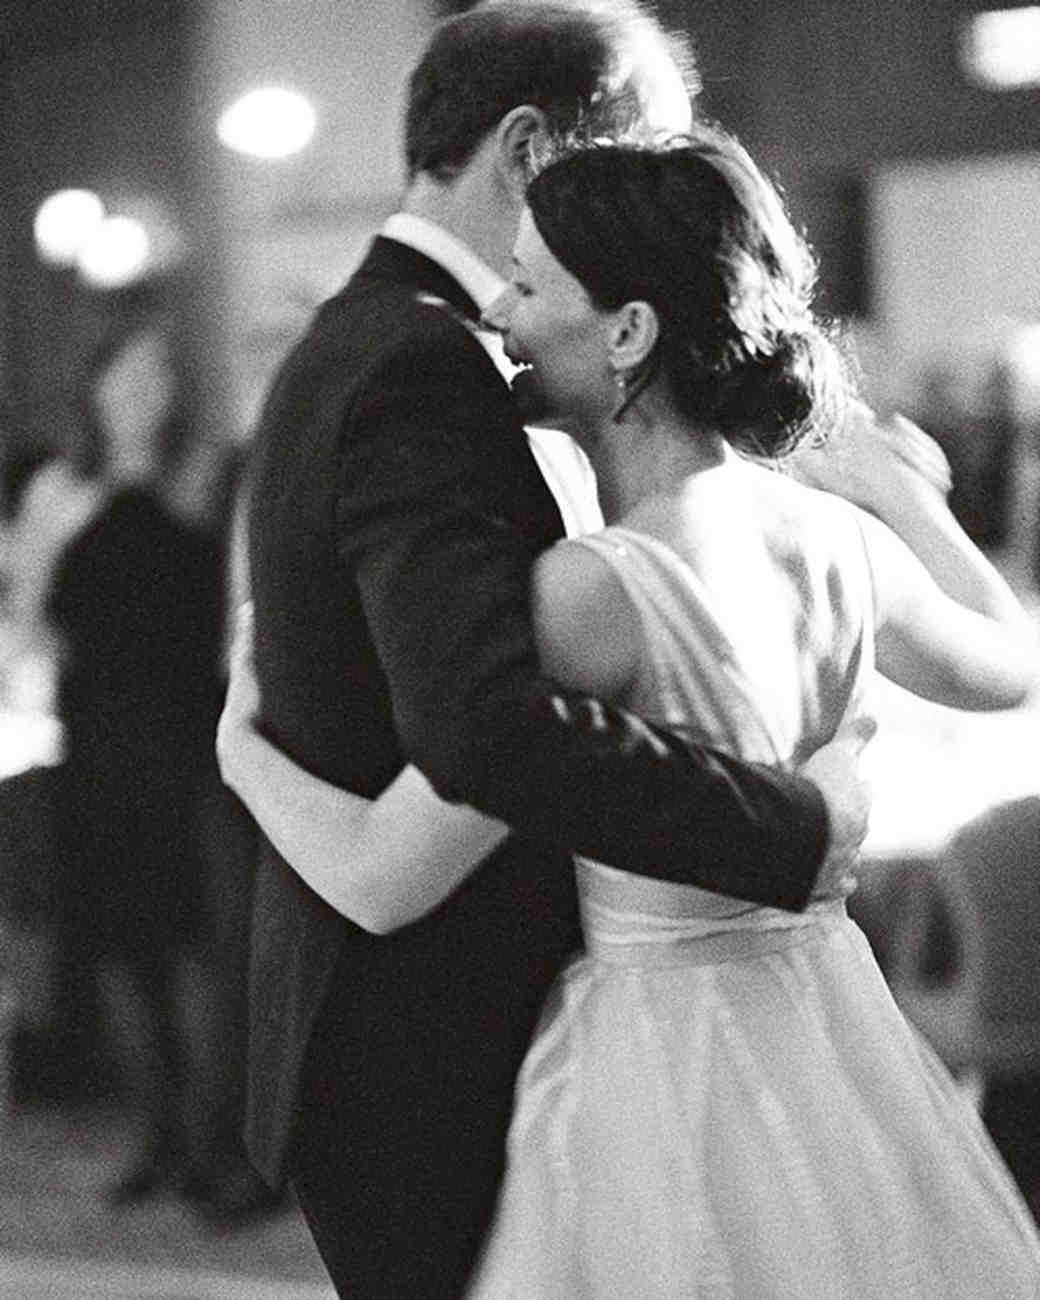 mw_0110_dance.jpg